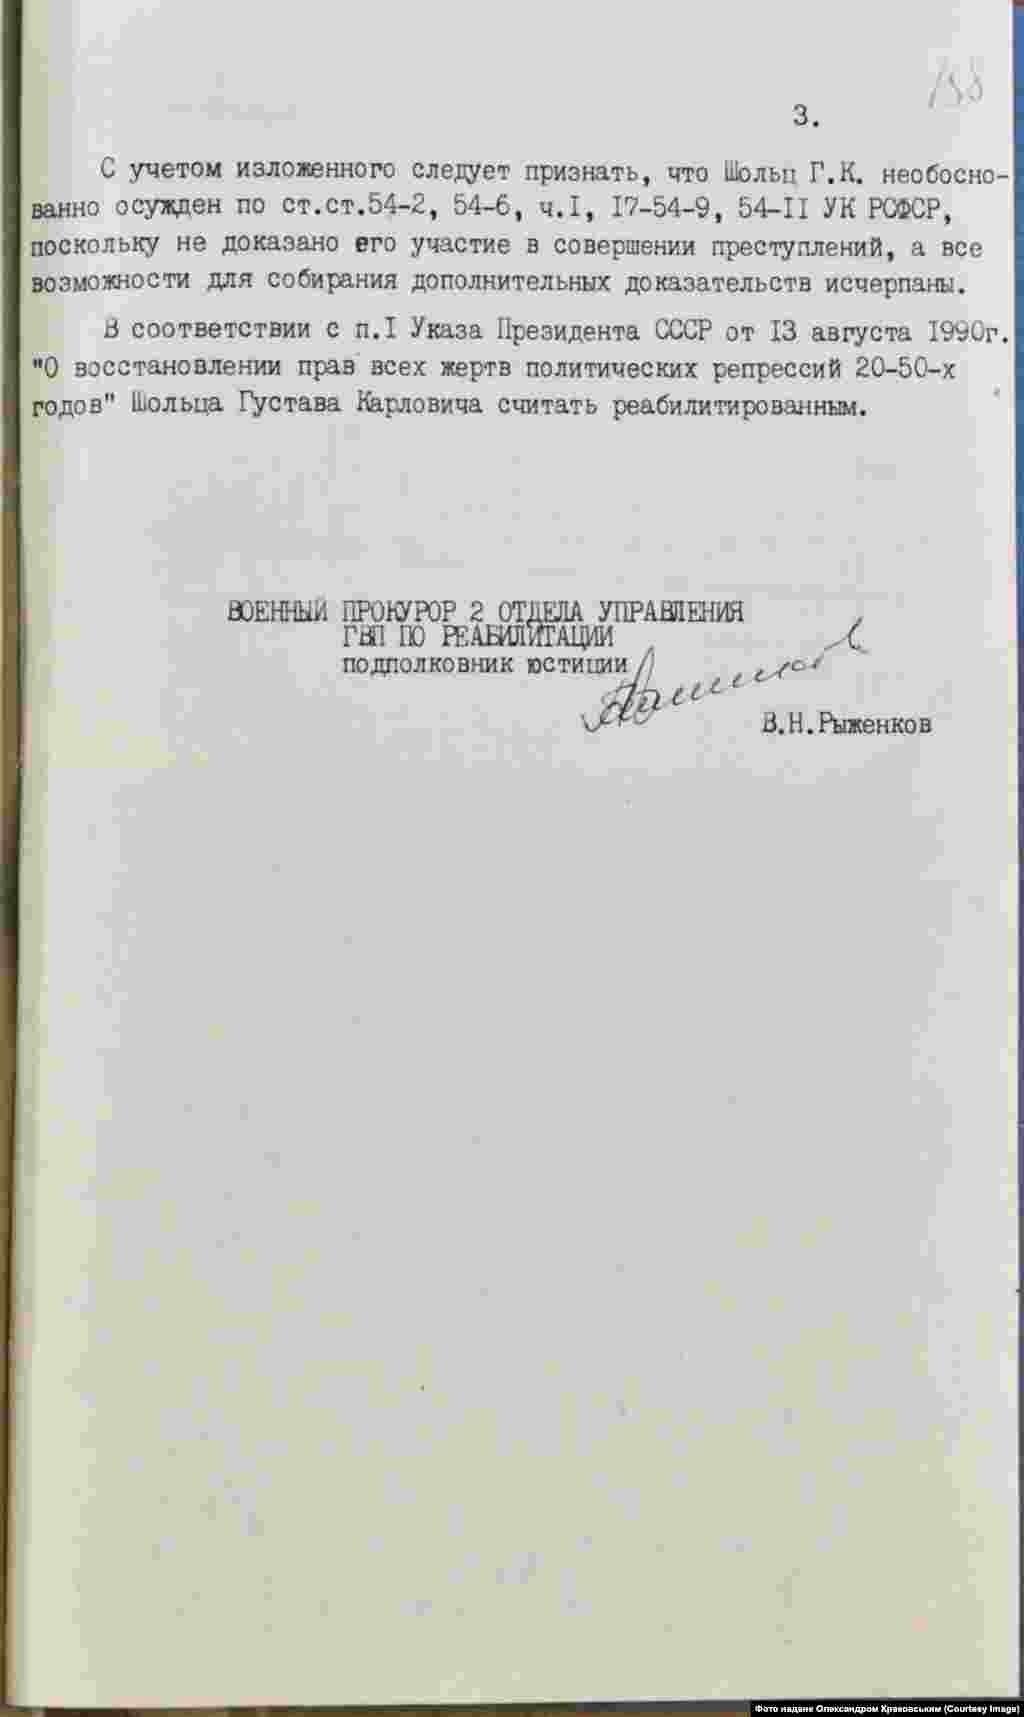 Довідка про реабілітацію Густава Шольца